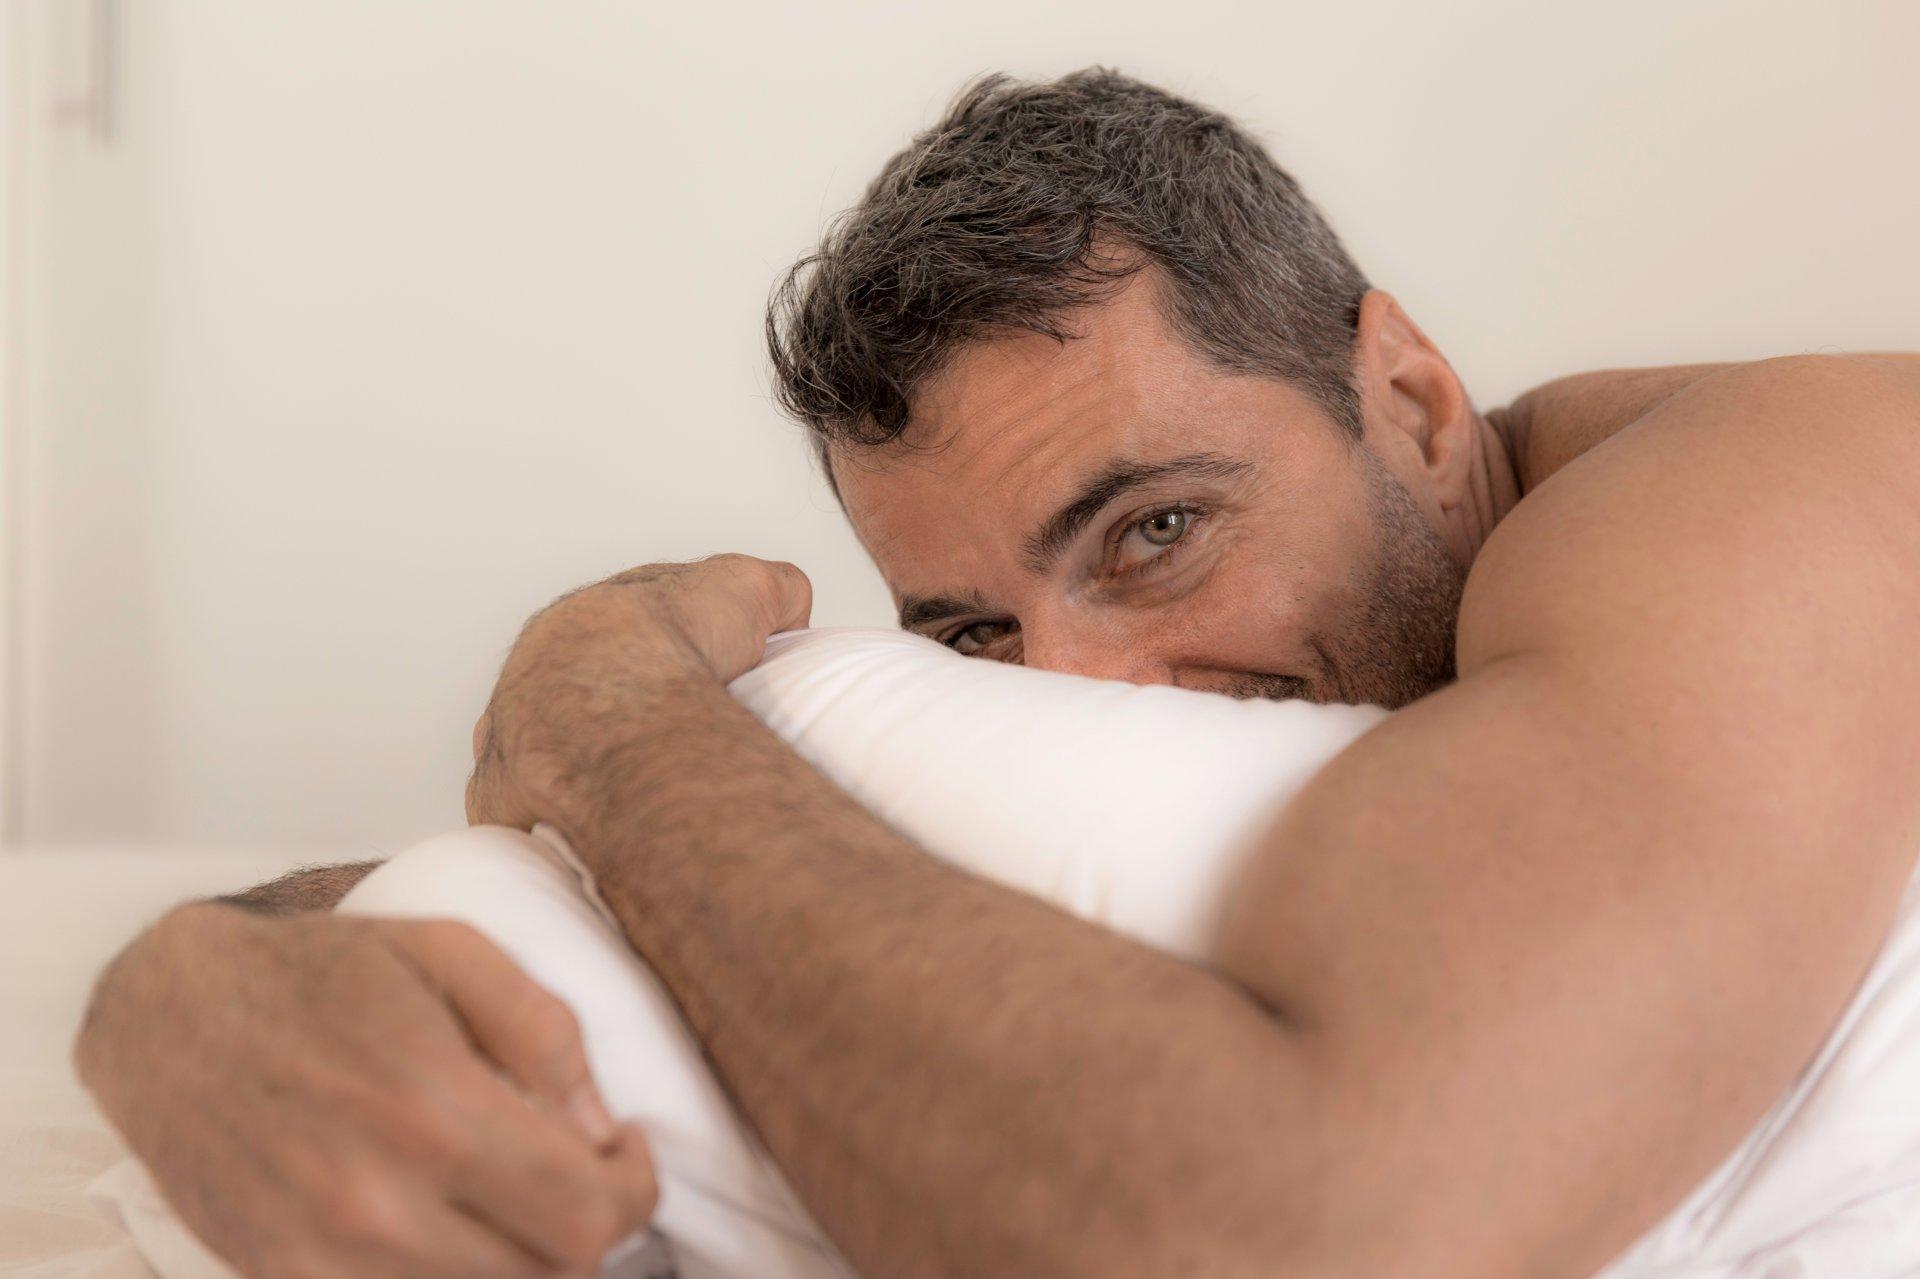 nario dydis 2011 ką daryti jei nėra erekcijos ar dingsta